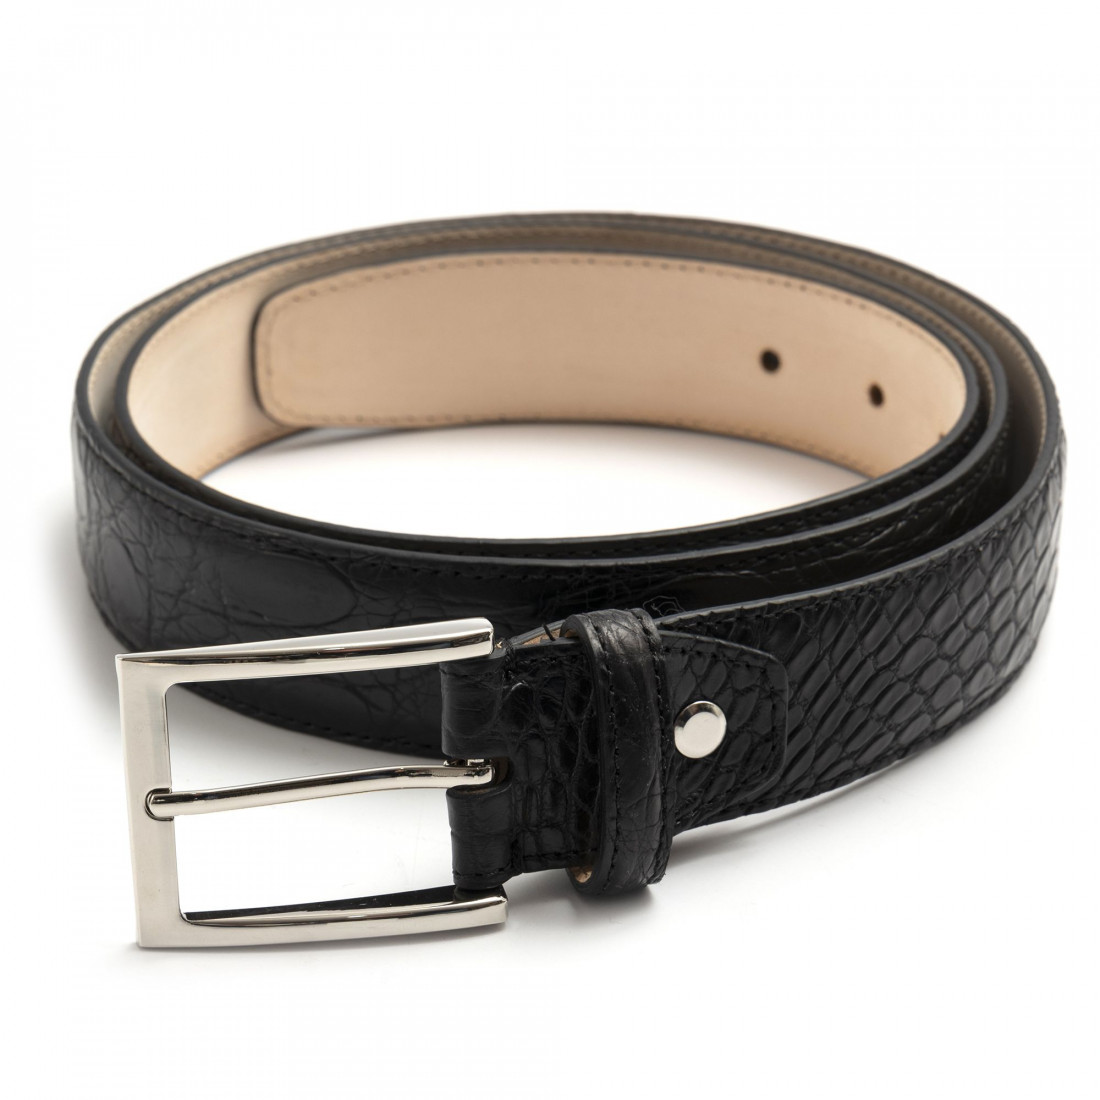 belts man sangiorgio 1300cocco nero 7982